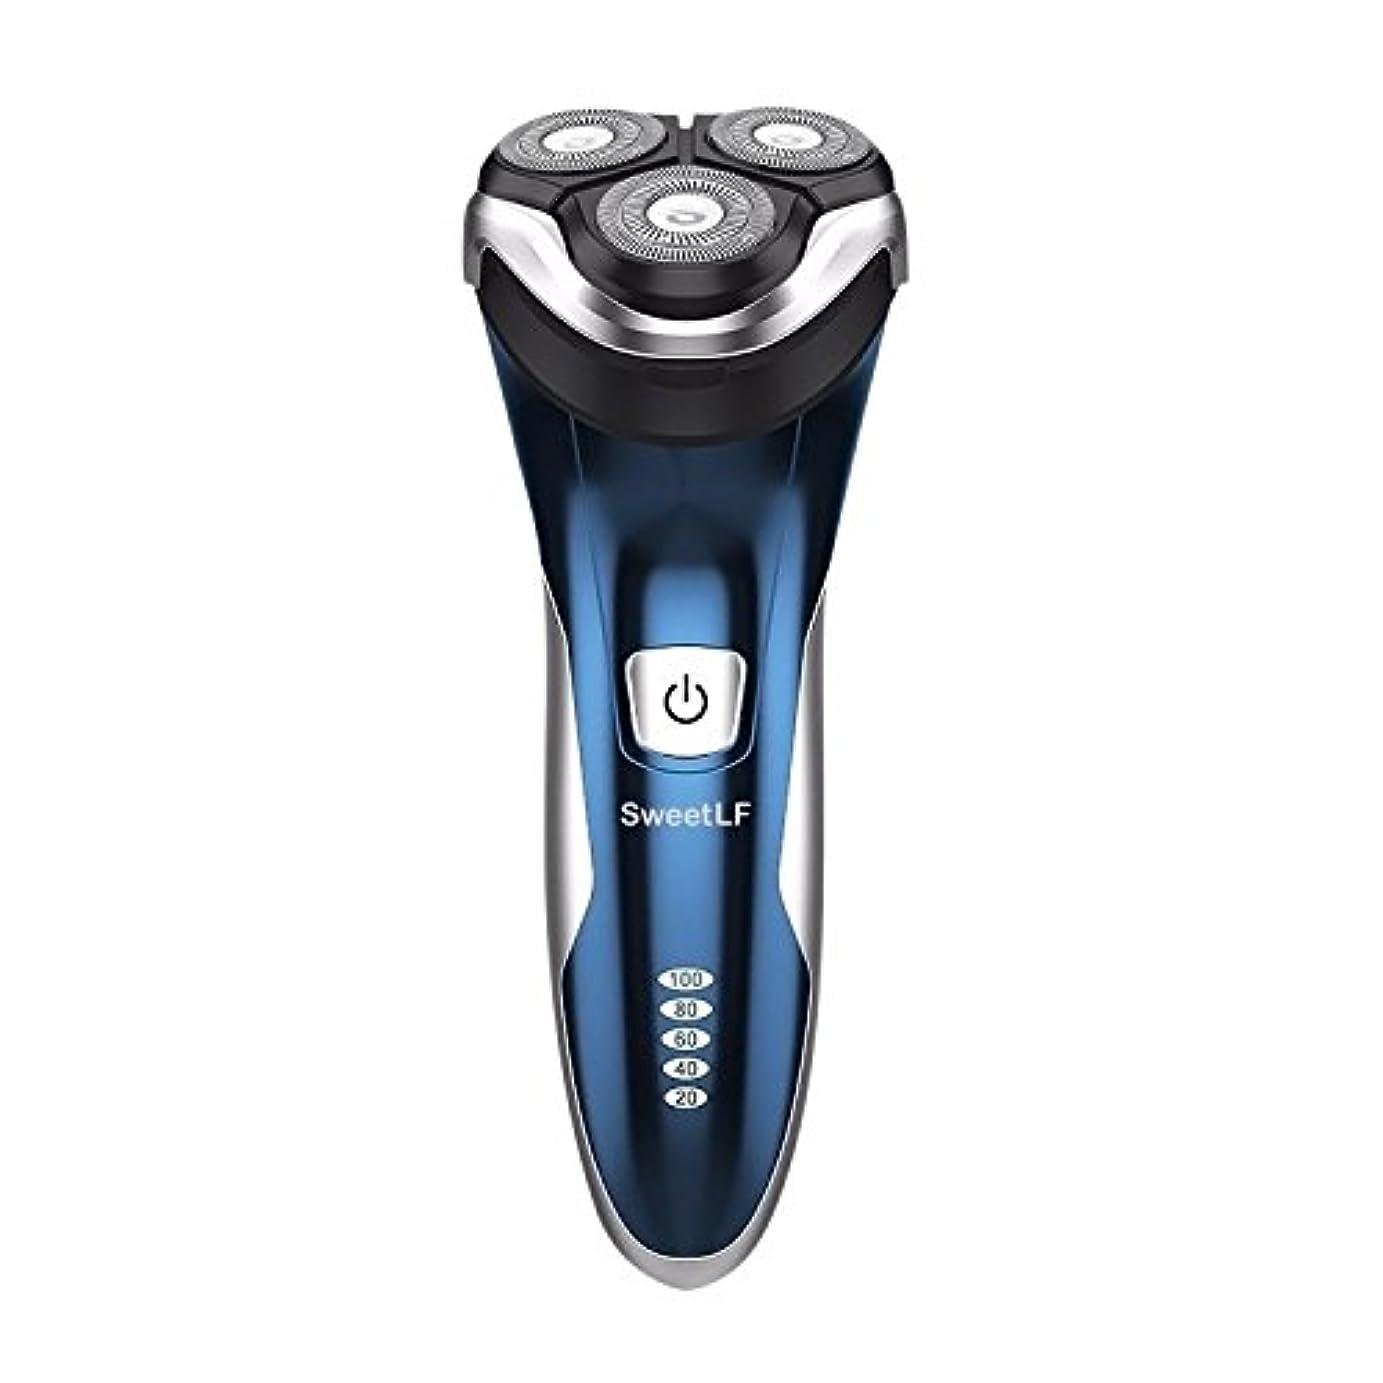 ヘロインほとんどないクラッシュSweetLF メンズ 電気シェーバー ひげそり 電気カミソリ 回転式 3枚刃 USB充電式 IPX7防水 お風呂剃り可 LEDディスプレイ トリマー付き